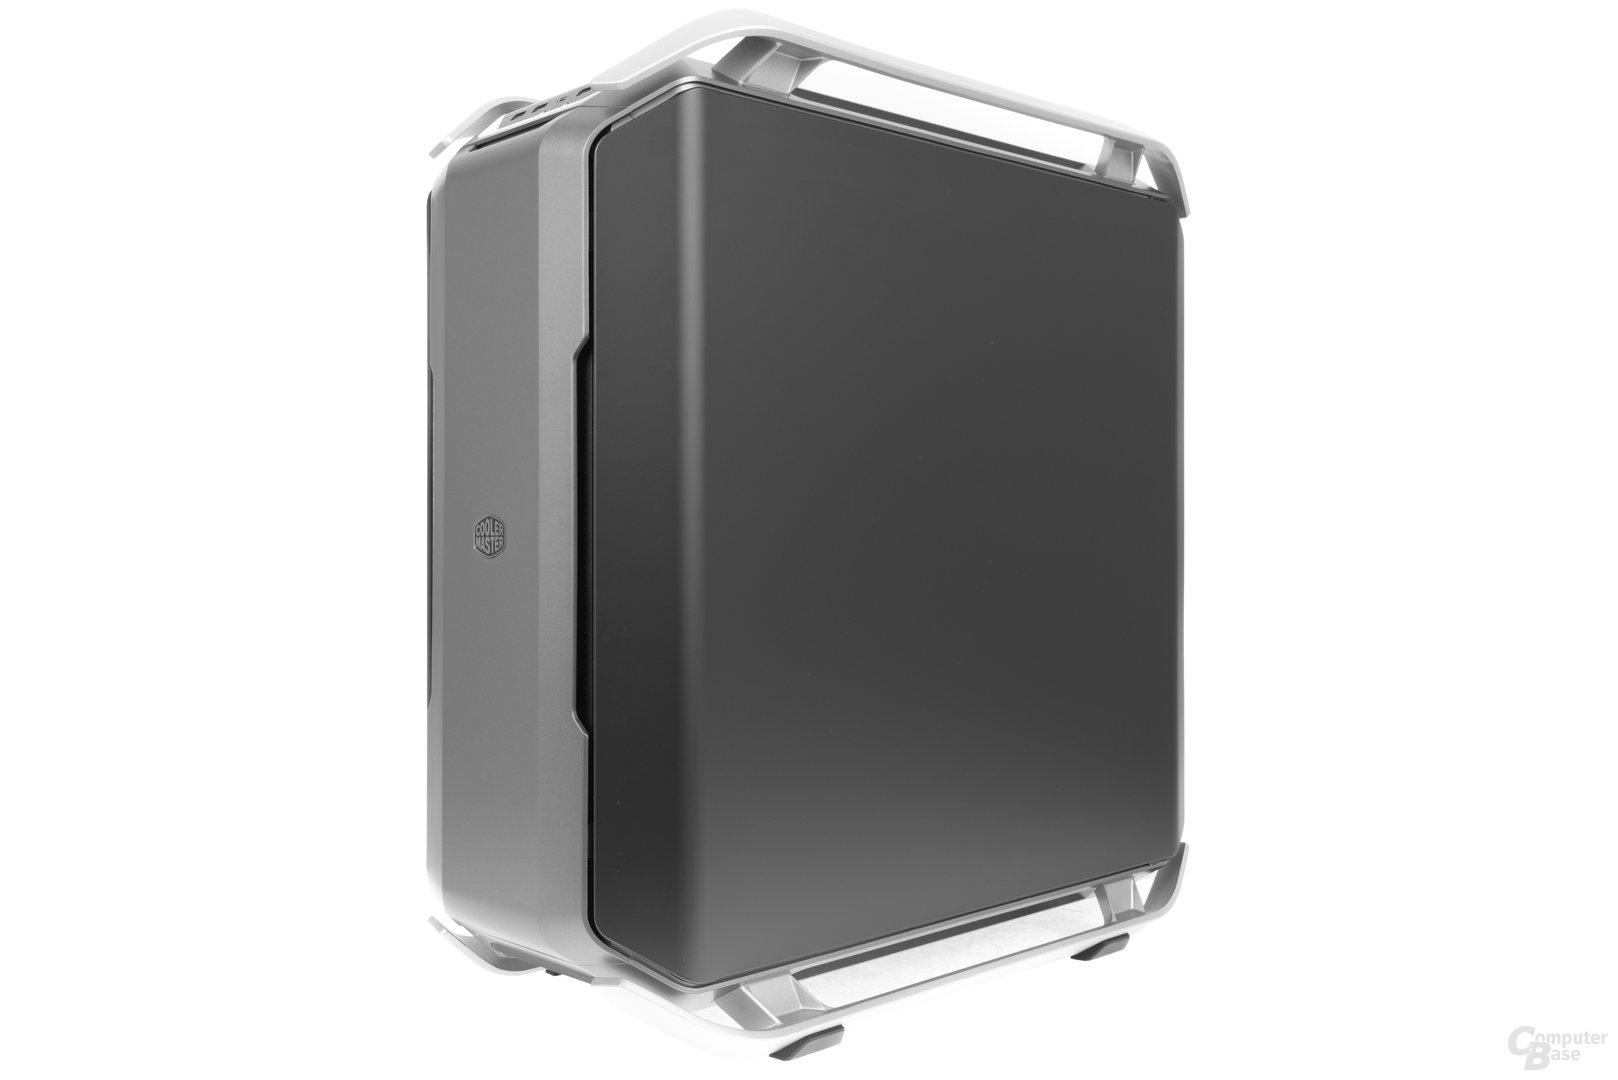 Cooler Master Cosmos C700P – Rechte Seitenansicht